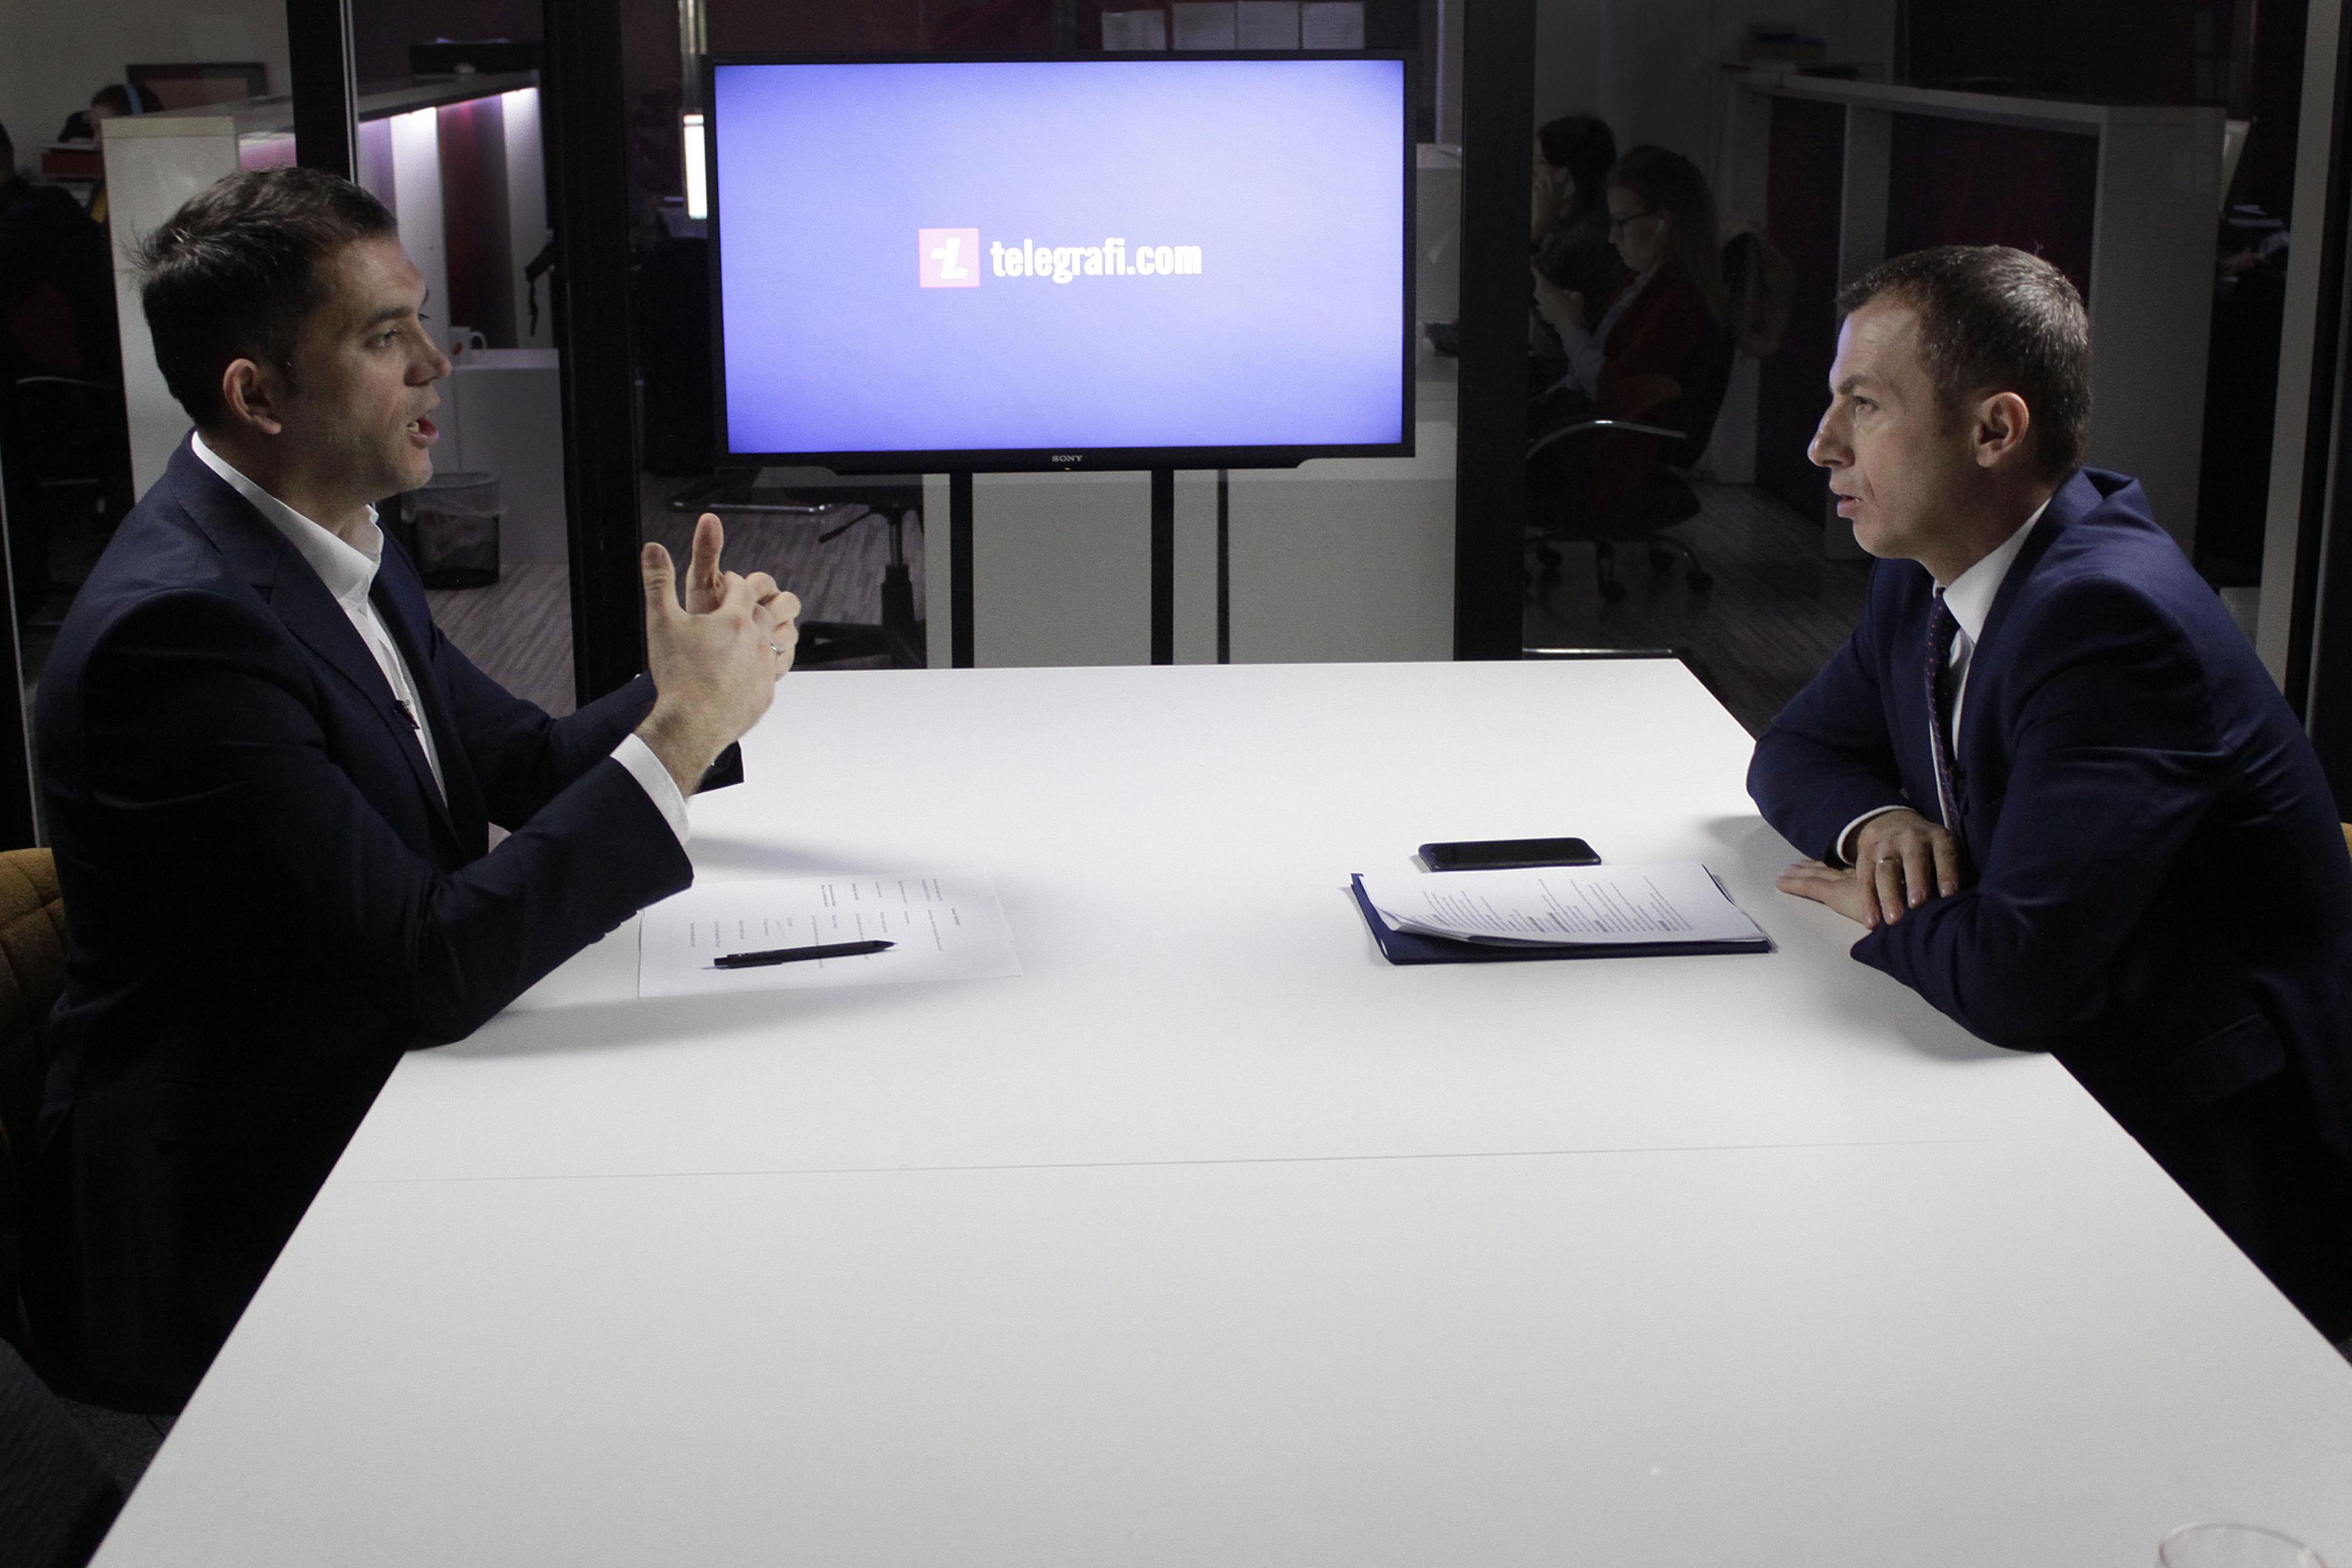 """Ministri i Punës dhe Mirëqenies Sociale, Skender Reçica, gjatë intervistës për Emisionin """"EKONOMI"""" në Telegrafi.com"""